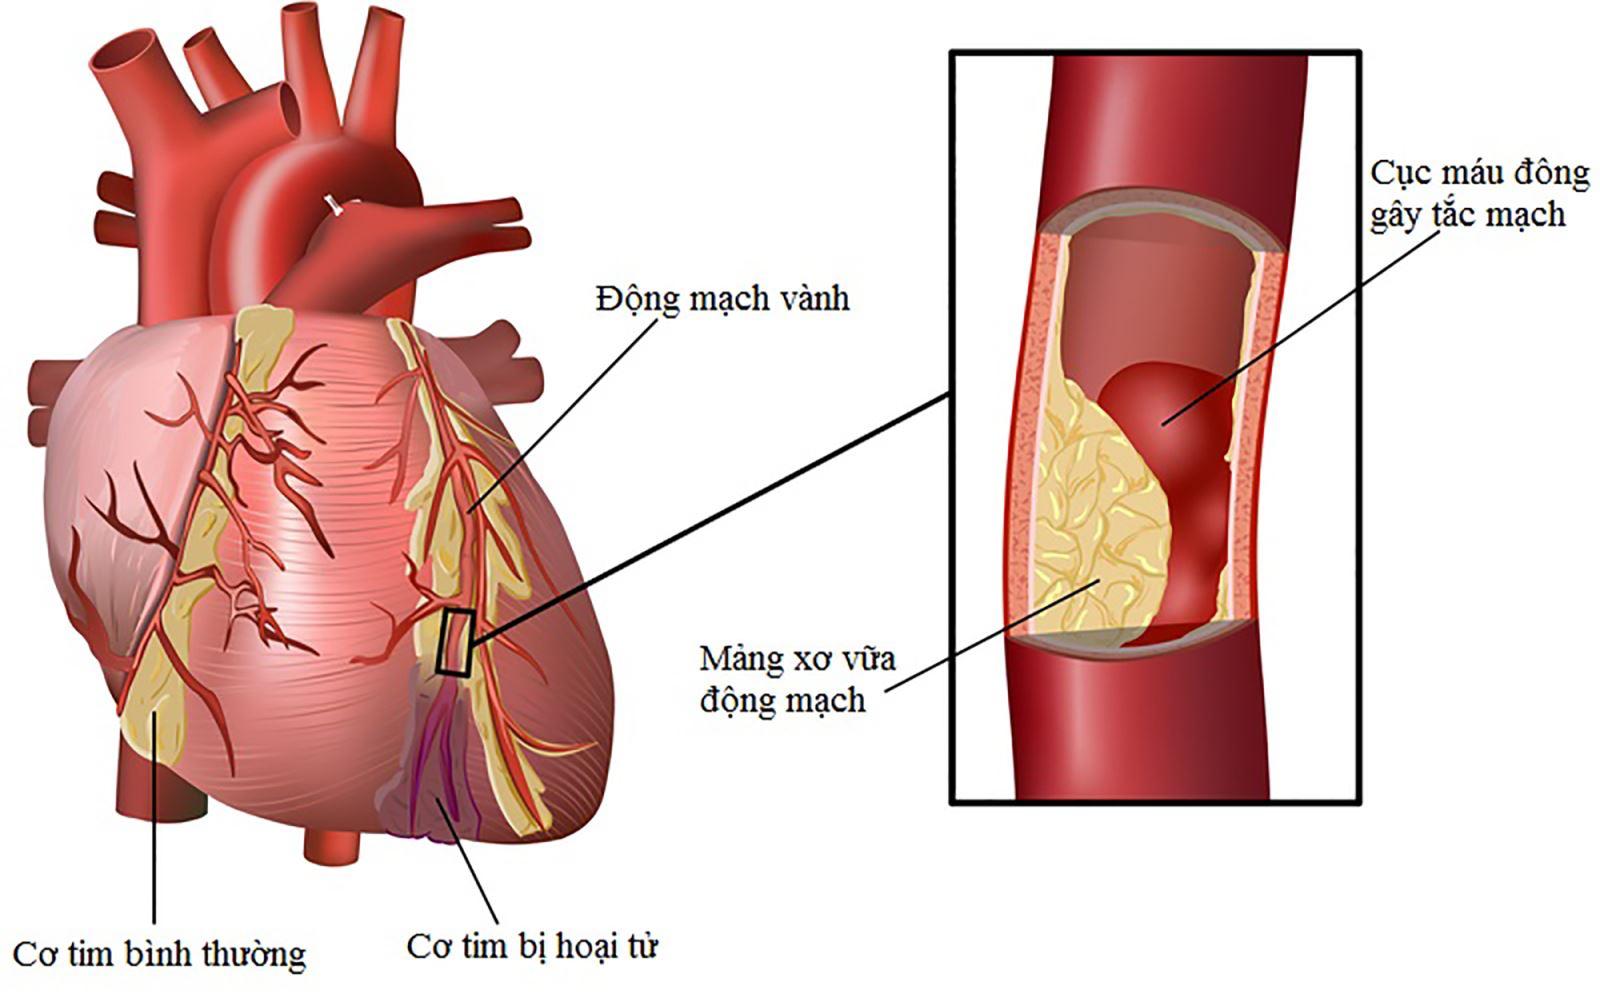 Cao huyết áp - nguyên nhân đột quỵ hàng đầu và cách phòng ngừa